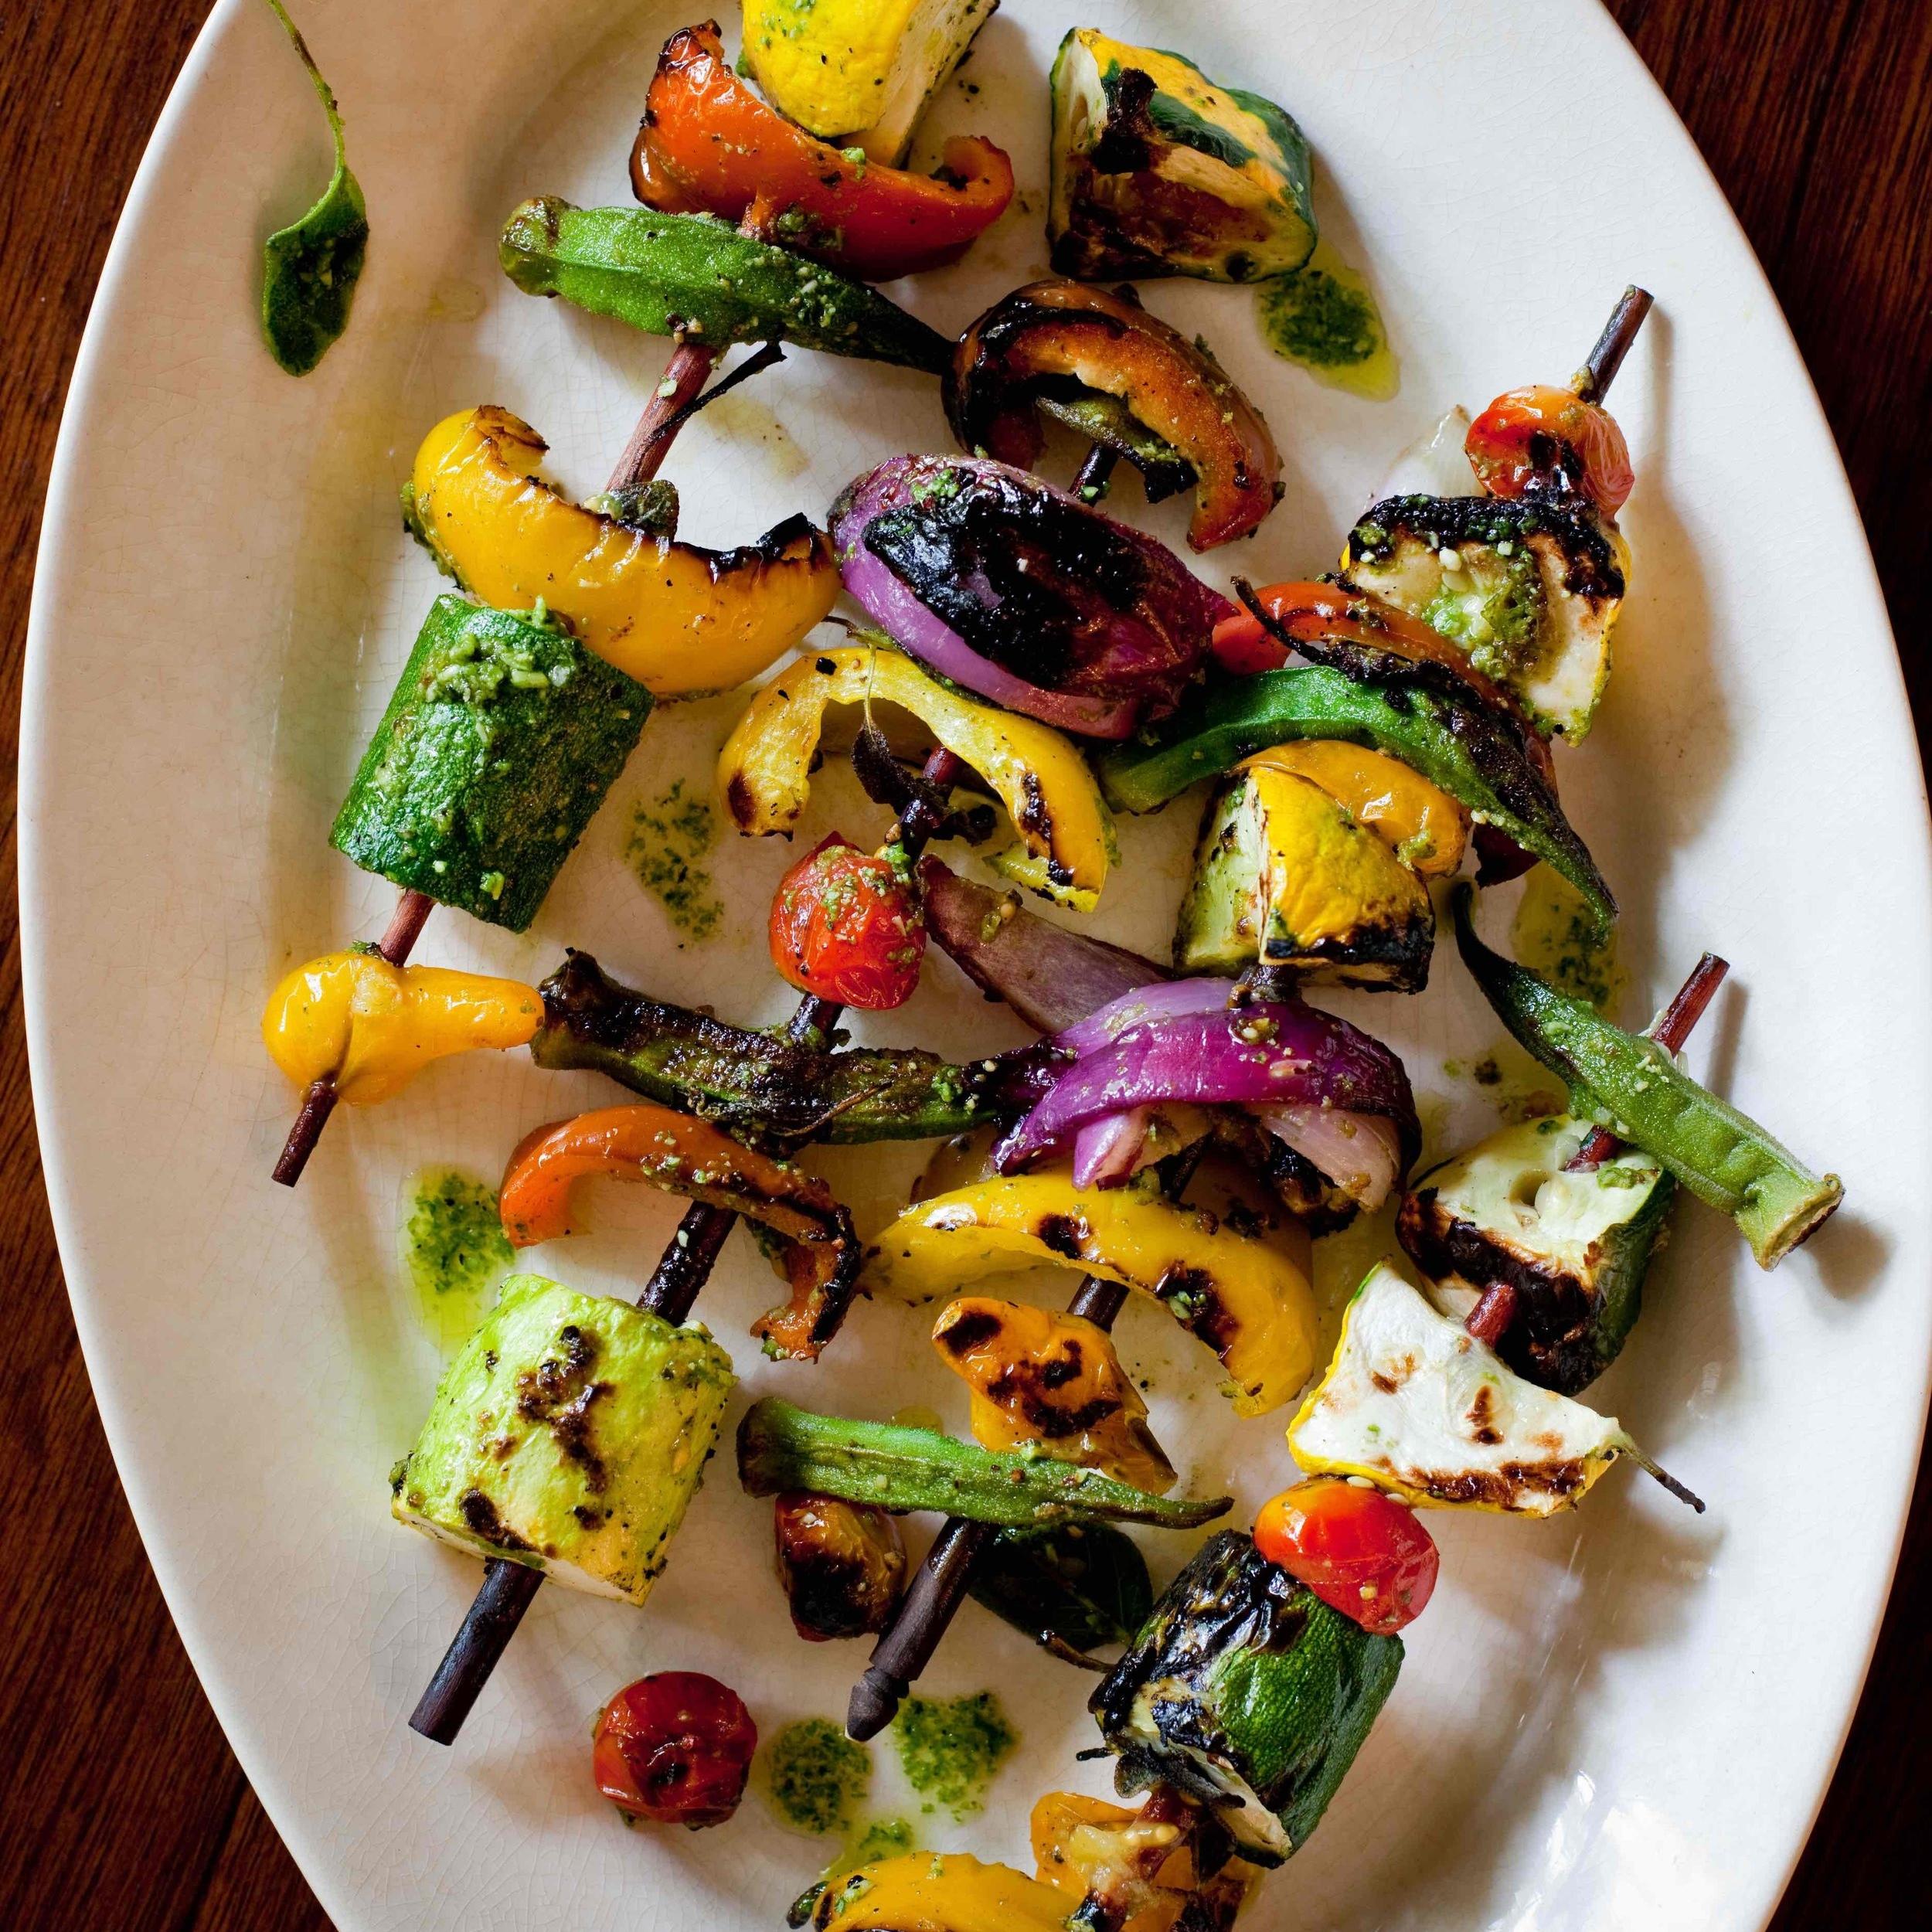 farmstand grilled vegetable skewers-sara_shoot3_0364 copy.jpg